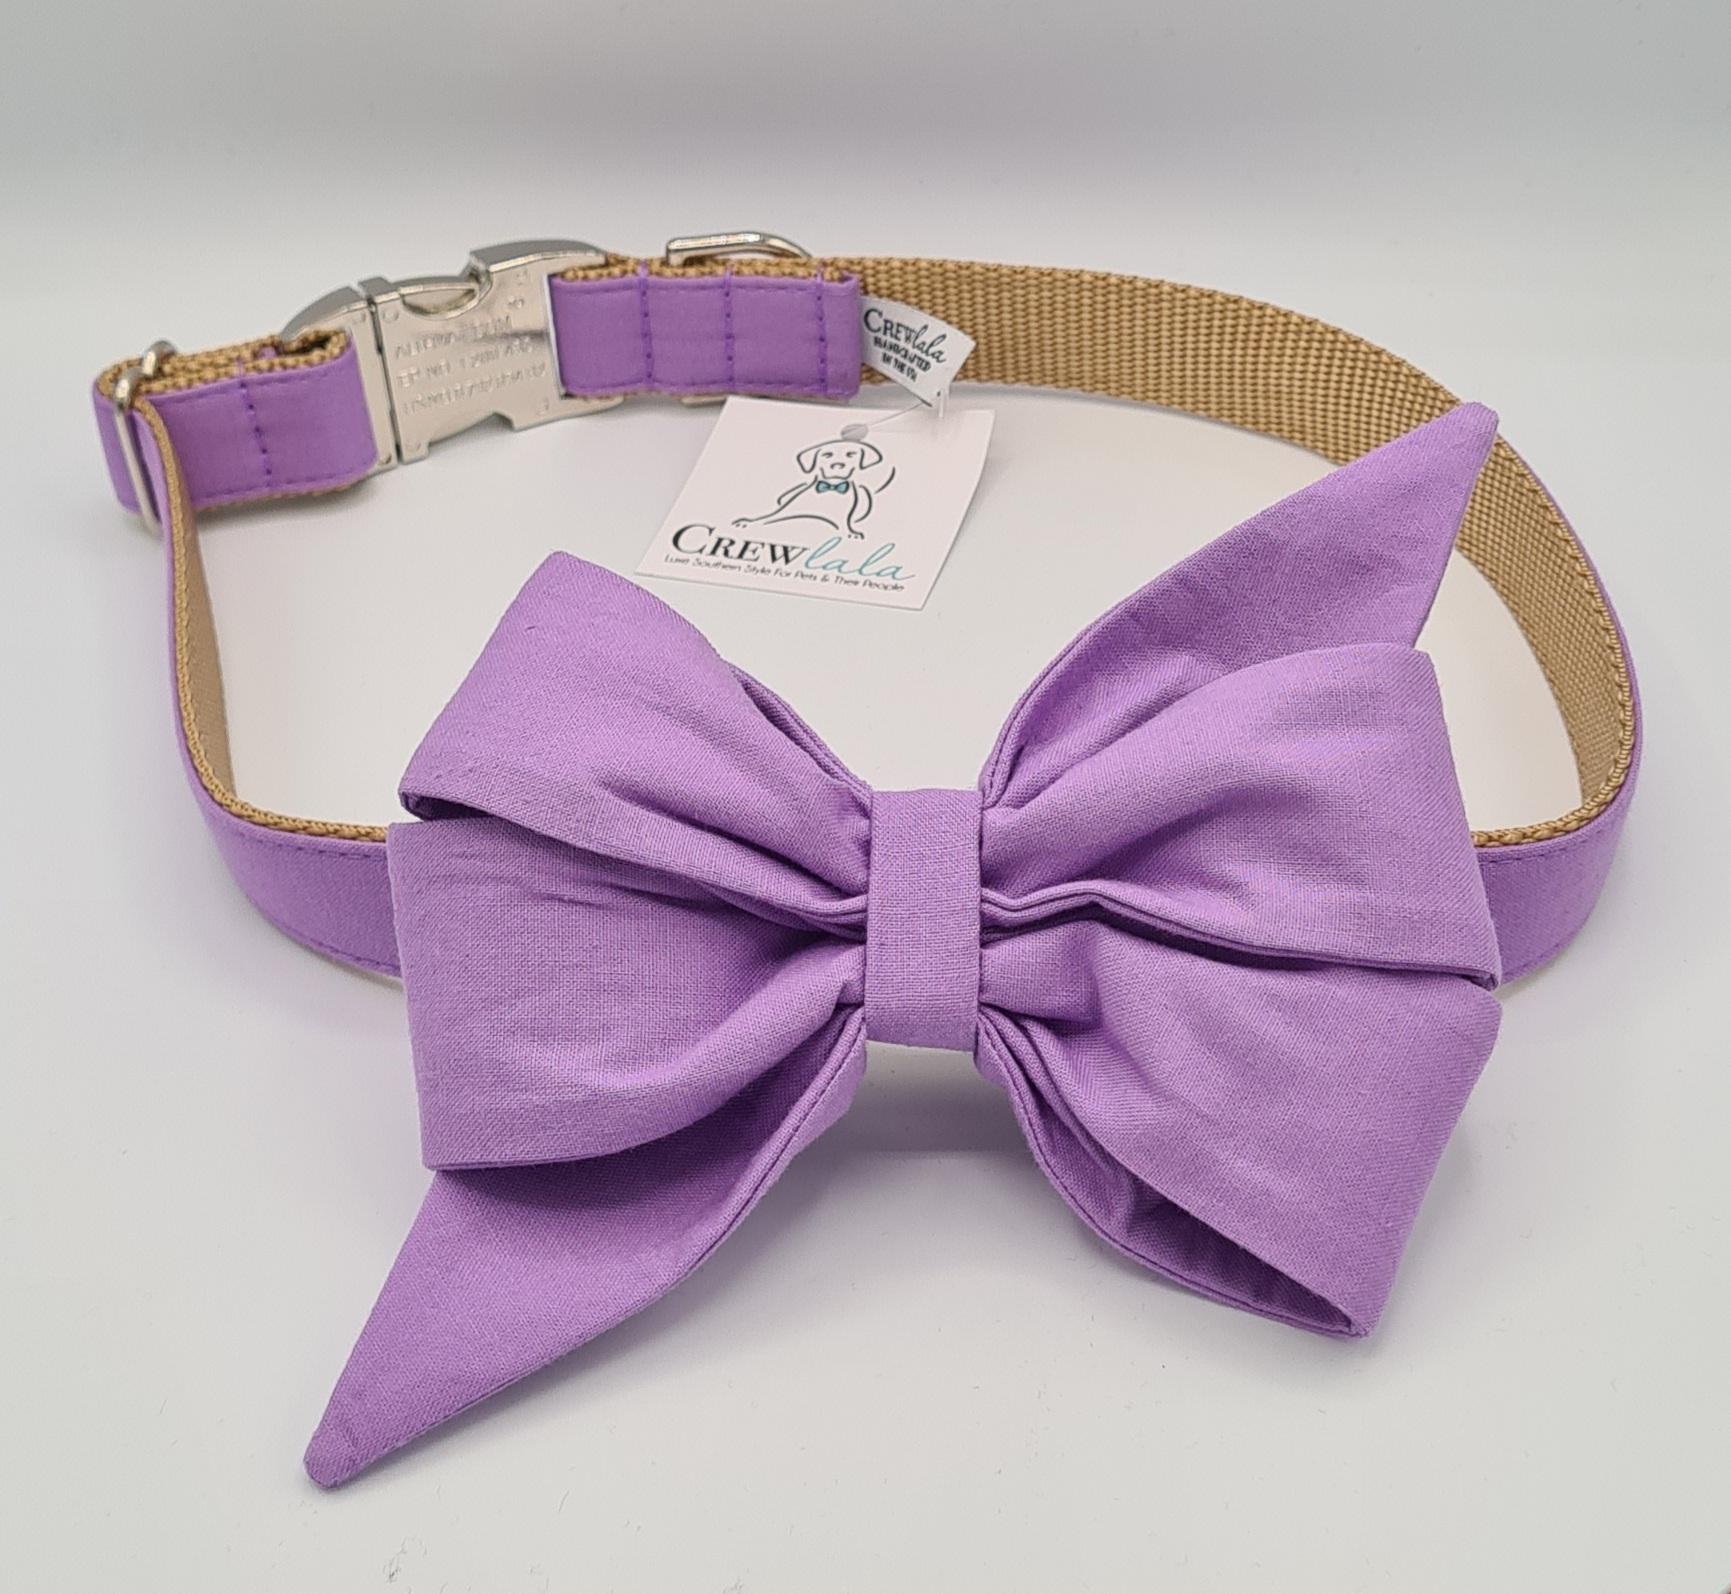 Wisteria collar